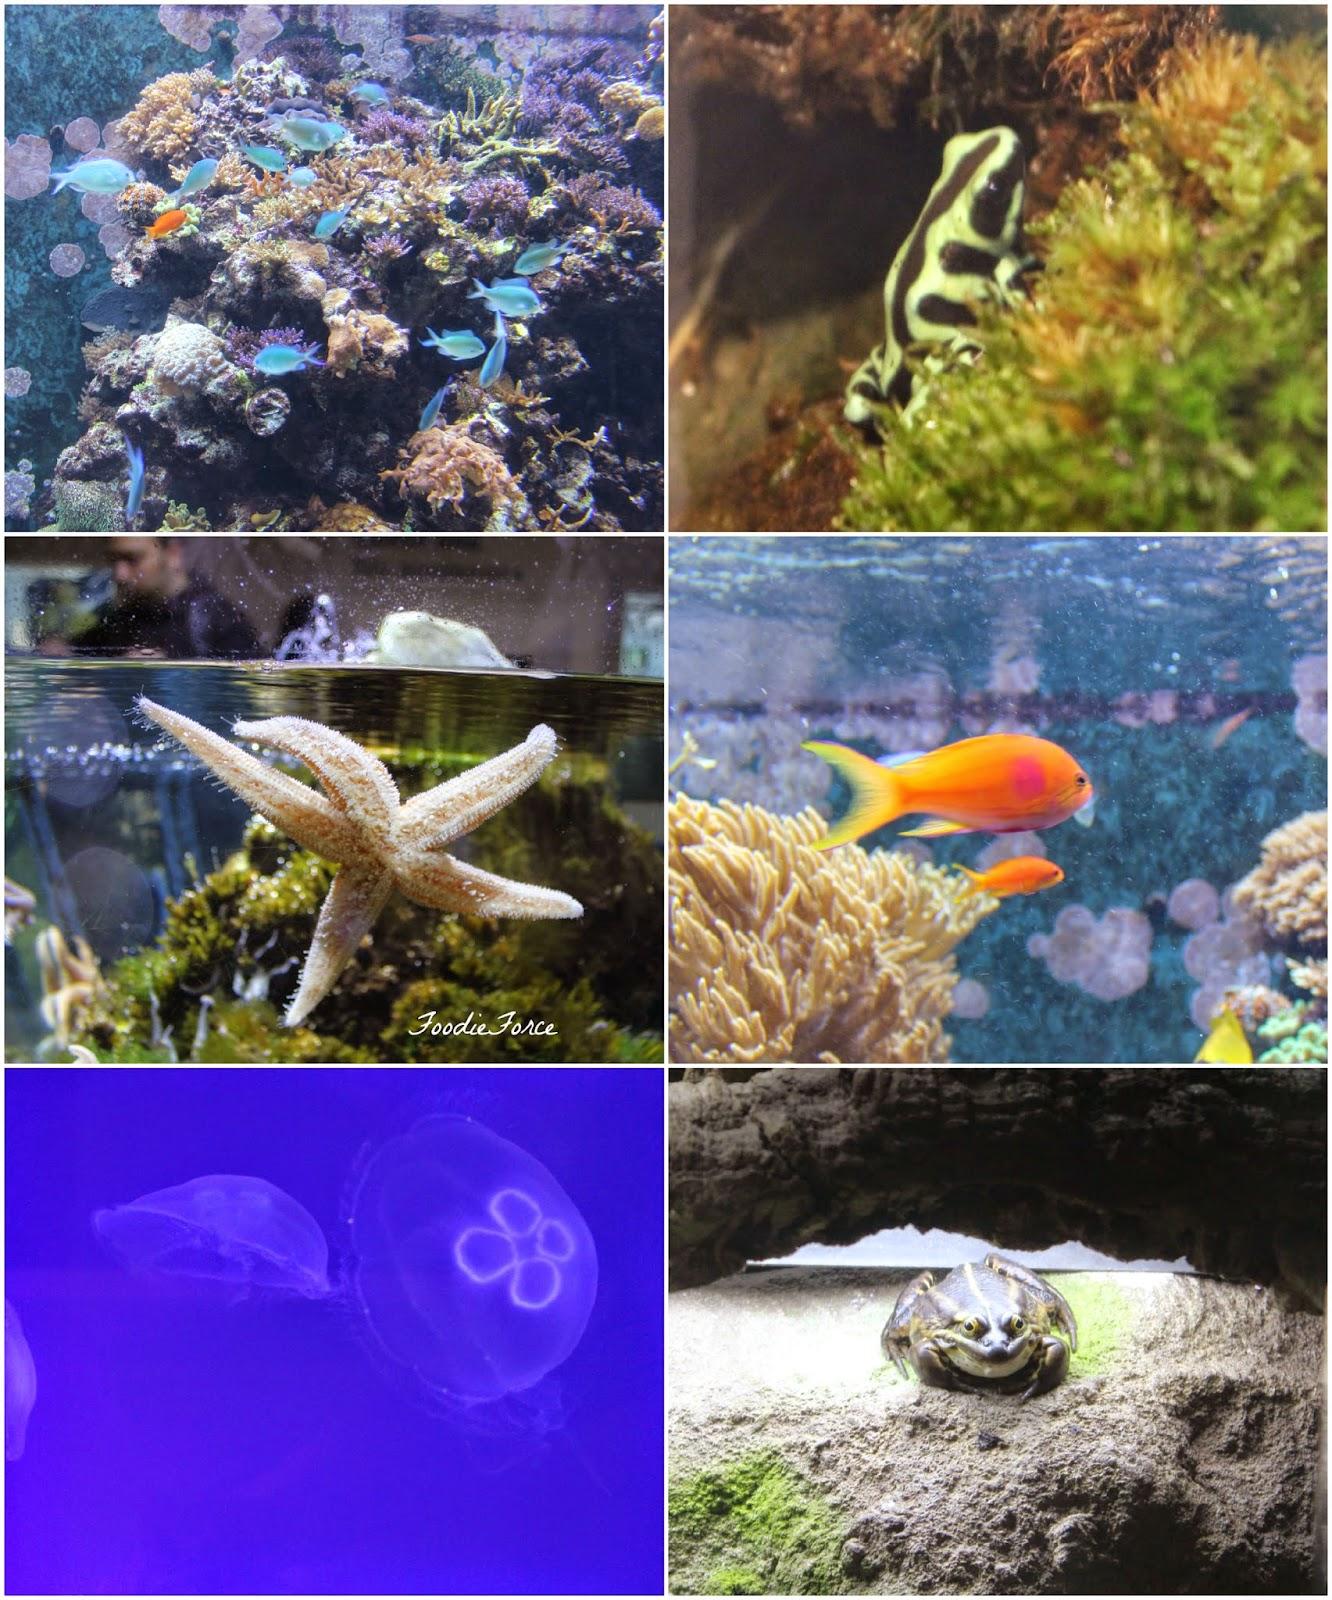 Horniman aquarium